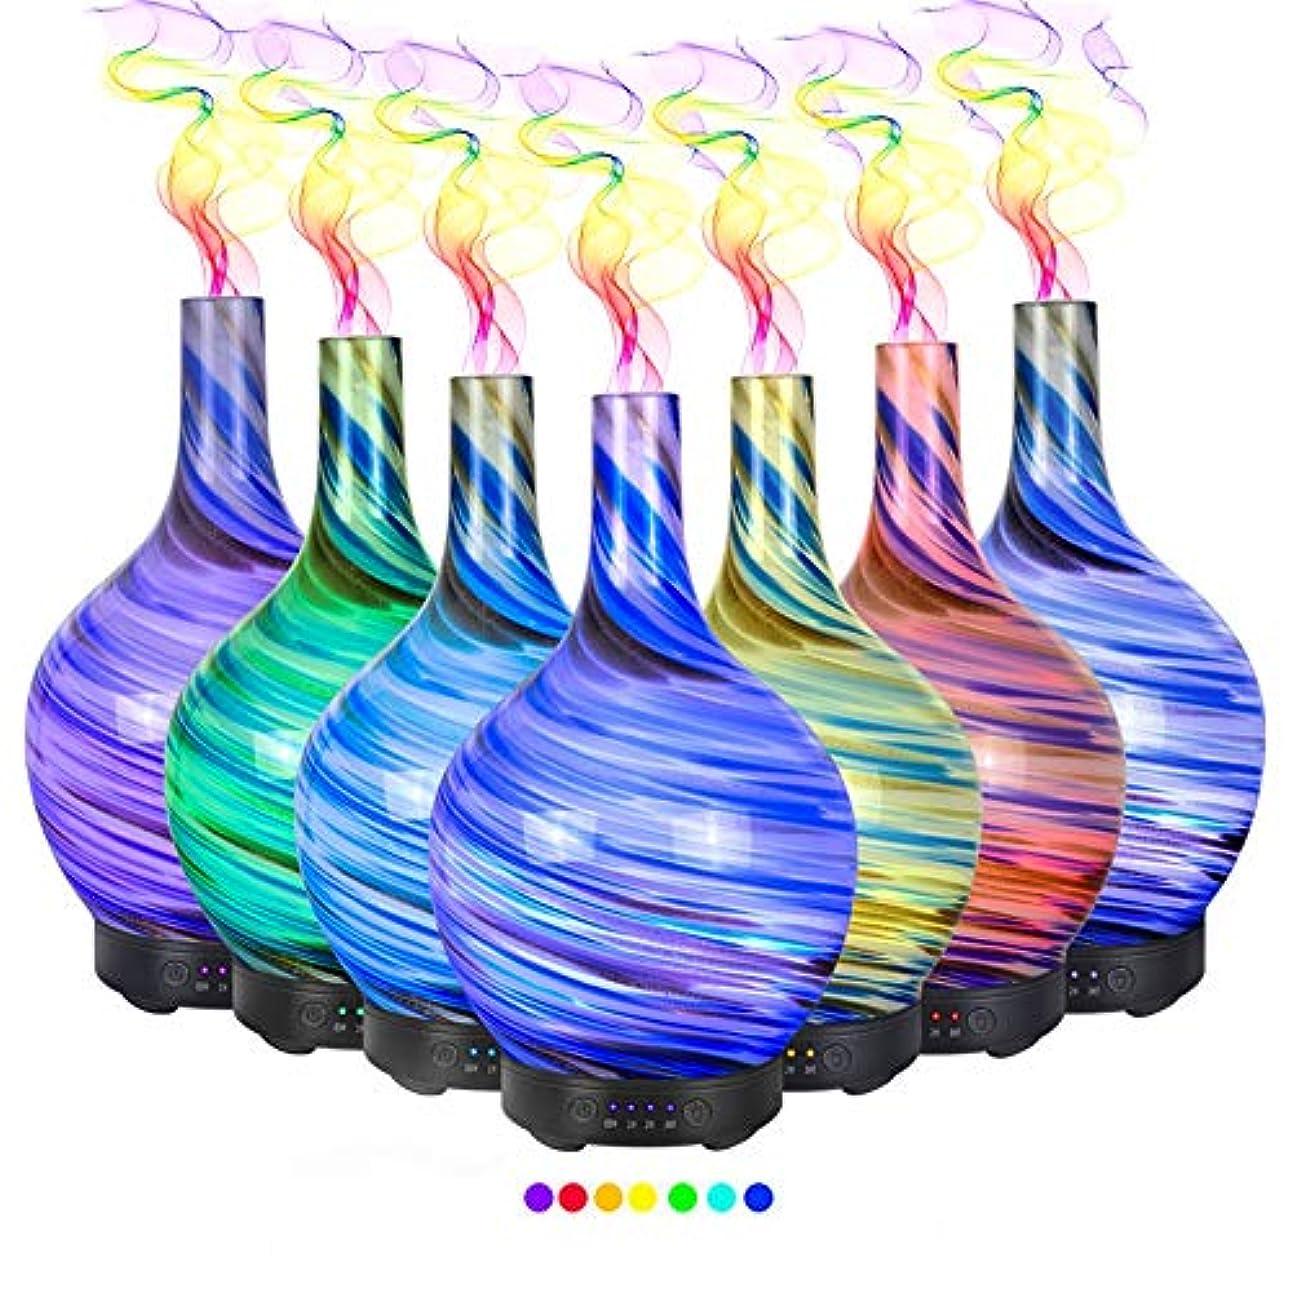 振りかける黙認するはねかけるエッセンシャルオイル用ディフューザー (100ml)-3d アートガラストルネードアロマ加湿器7色の変更 LED ライト & 4 タイマー設定、水なしの自動シャットオフ